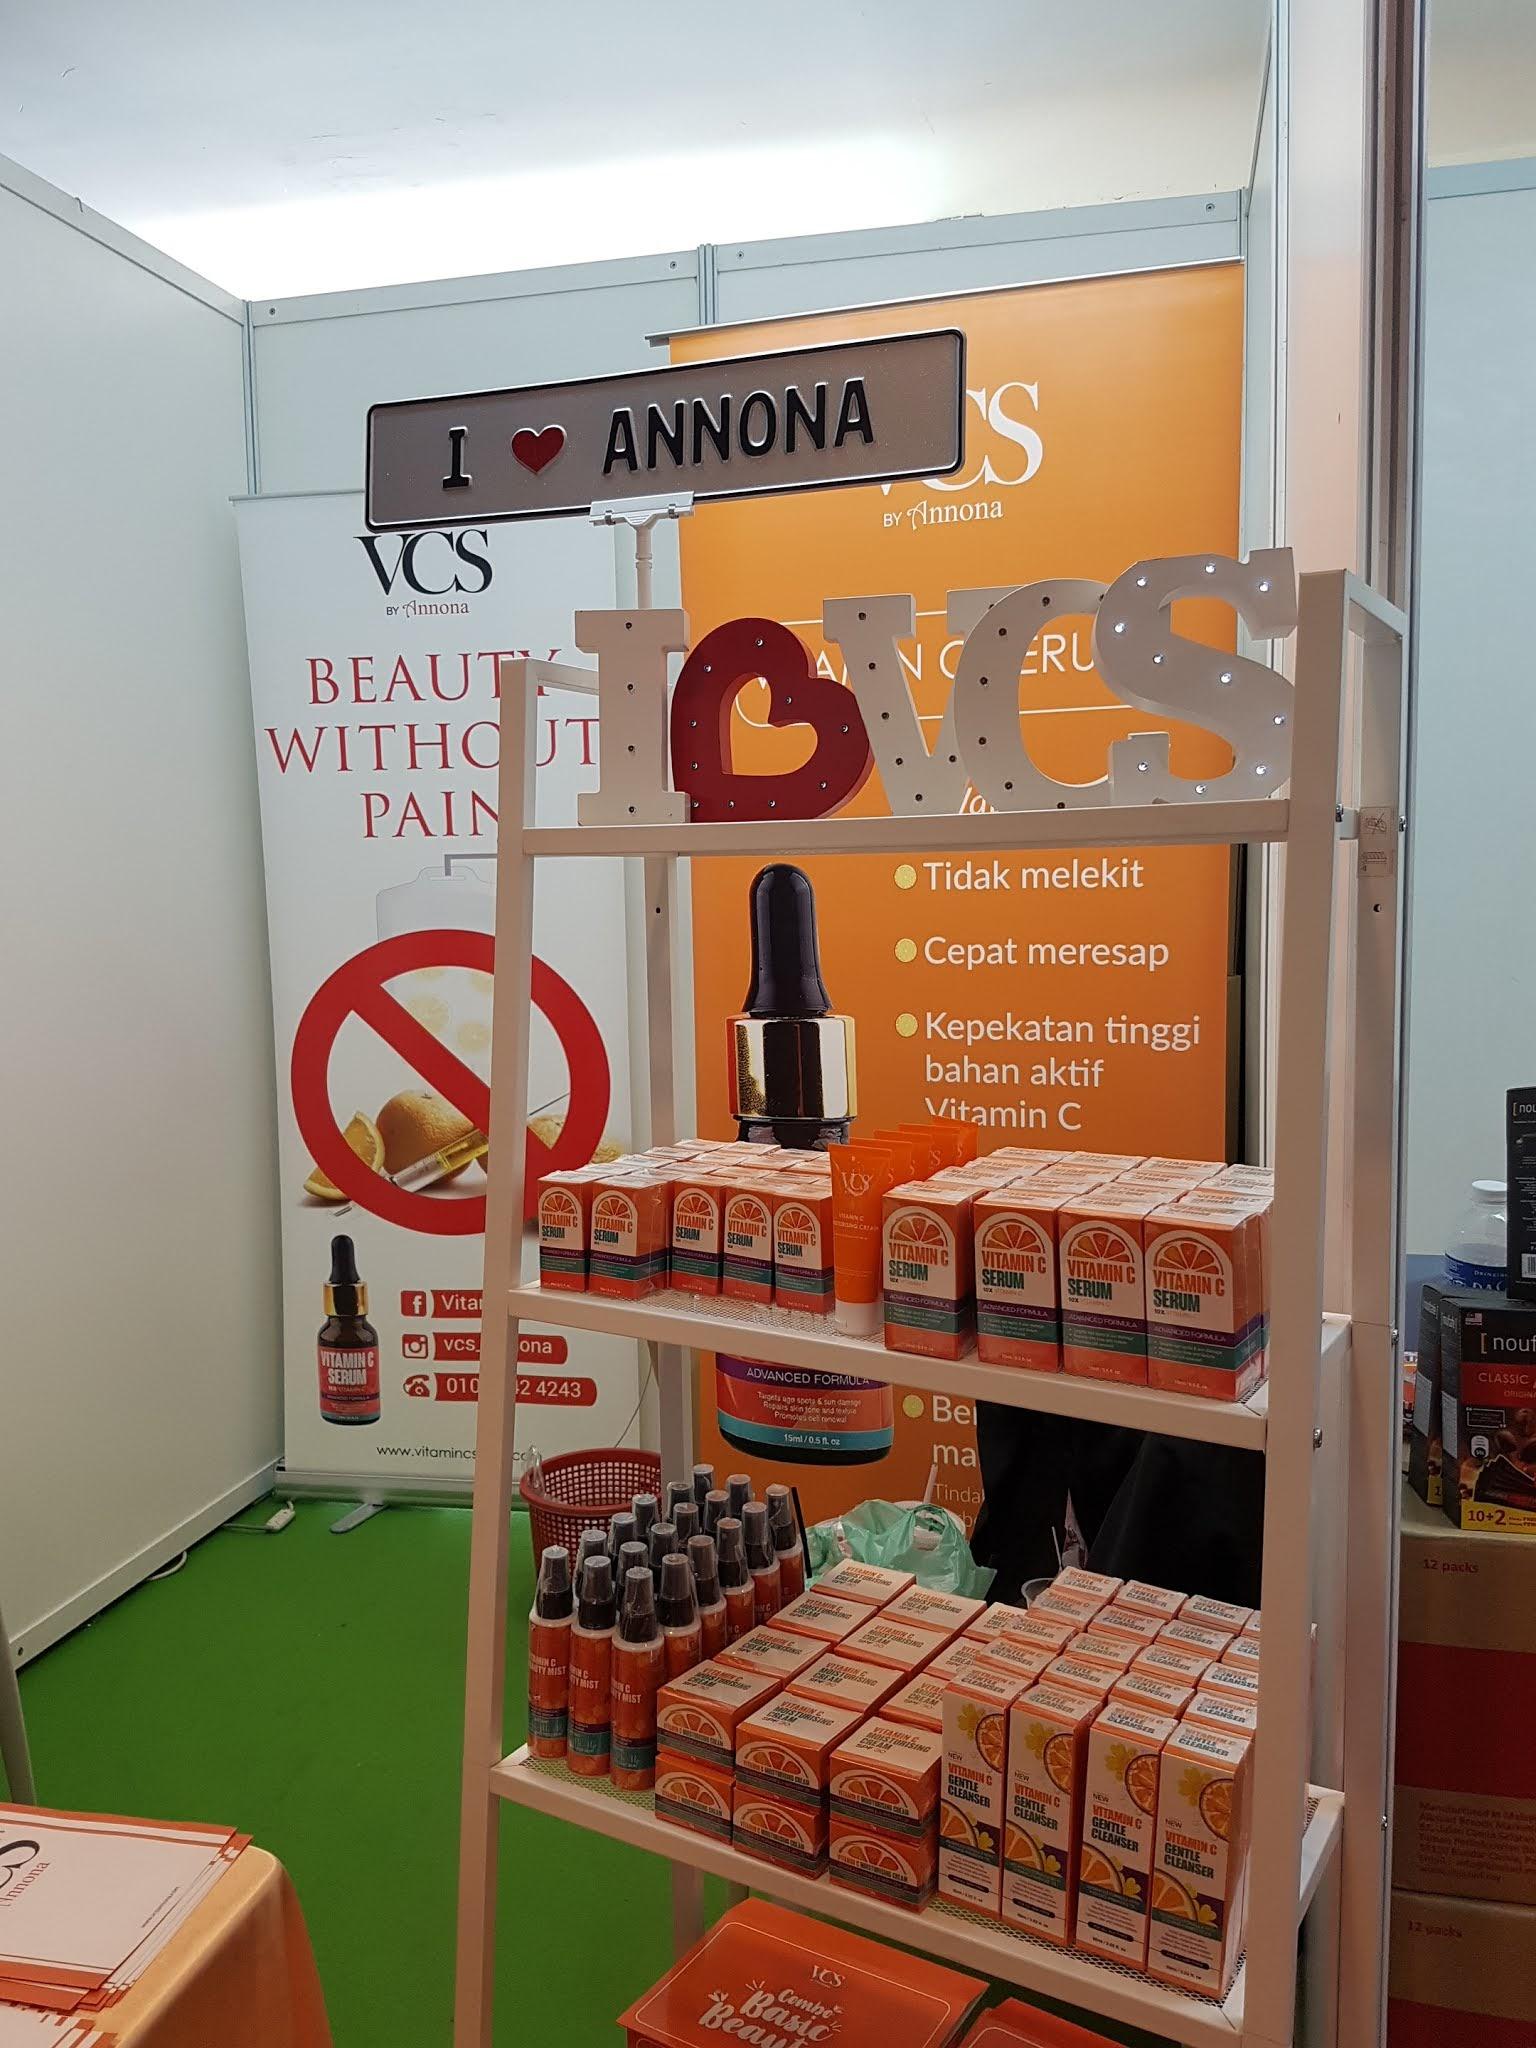 Vitamin C Serum Annona